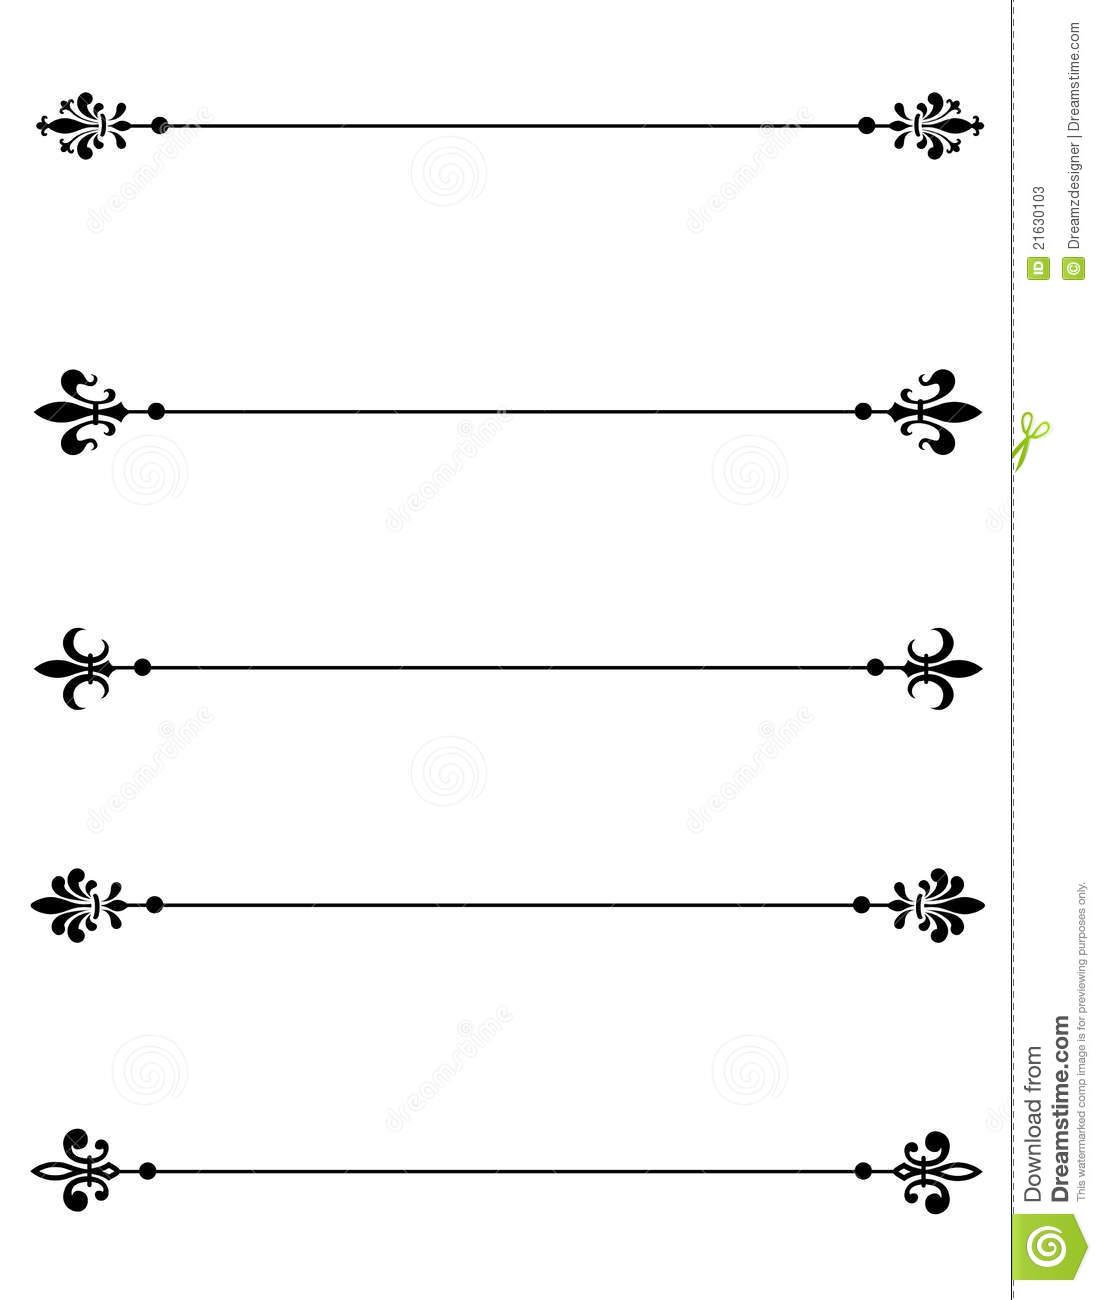 14 Fluer De Lis With Decorative Divider Clip Art Free Vector Images